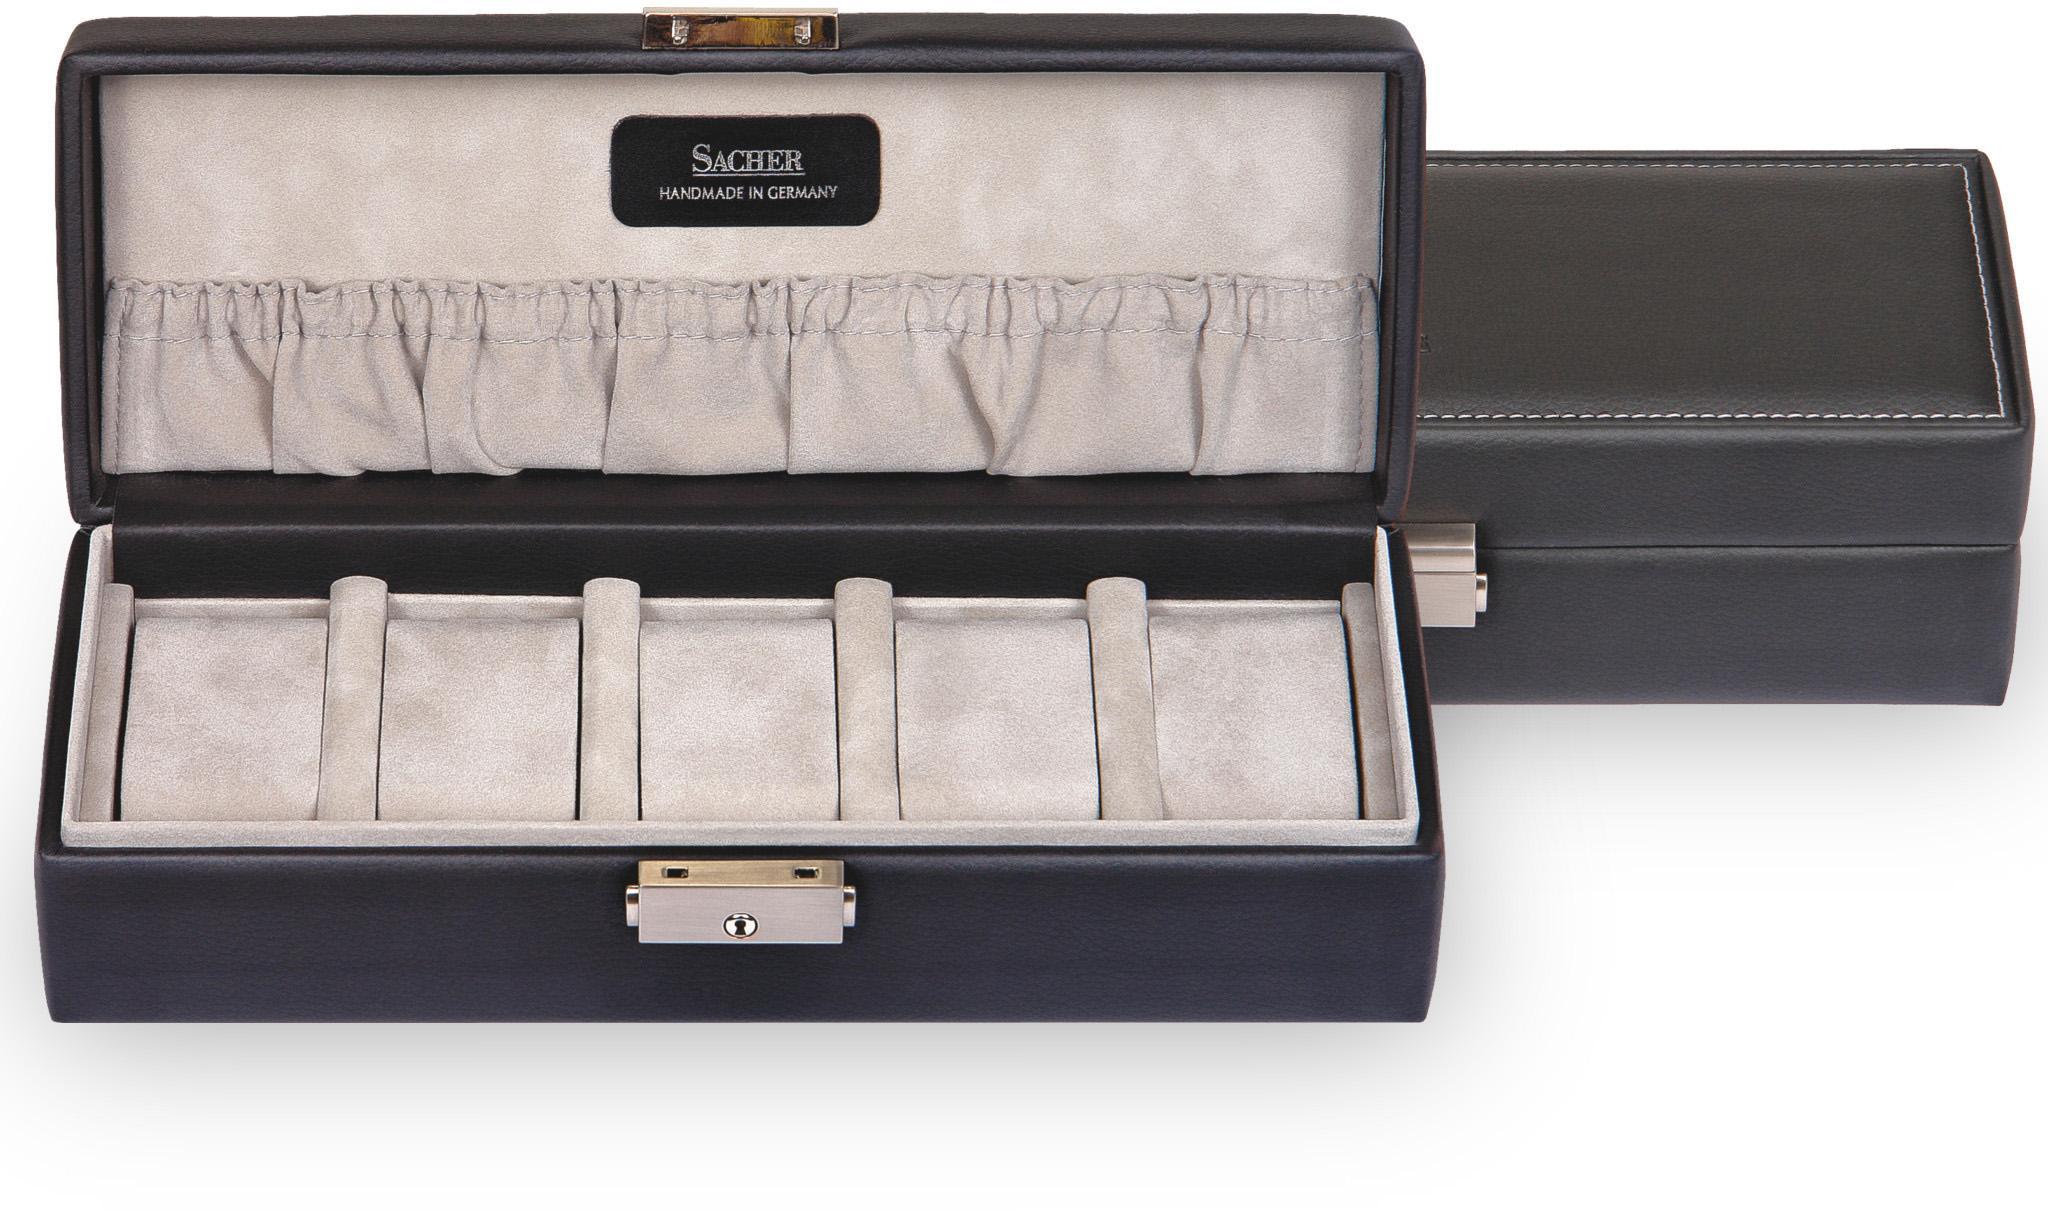 Sacher Uhrenetui 1015.150421, Handmade in Germany günstig online kaufen